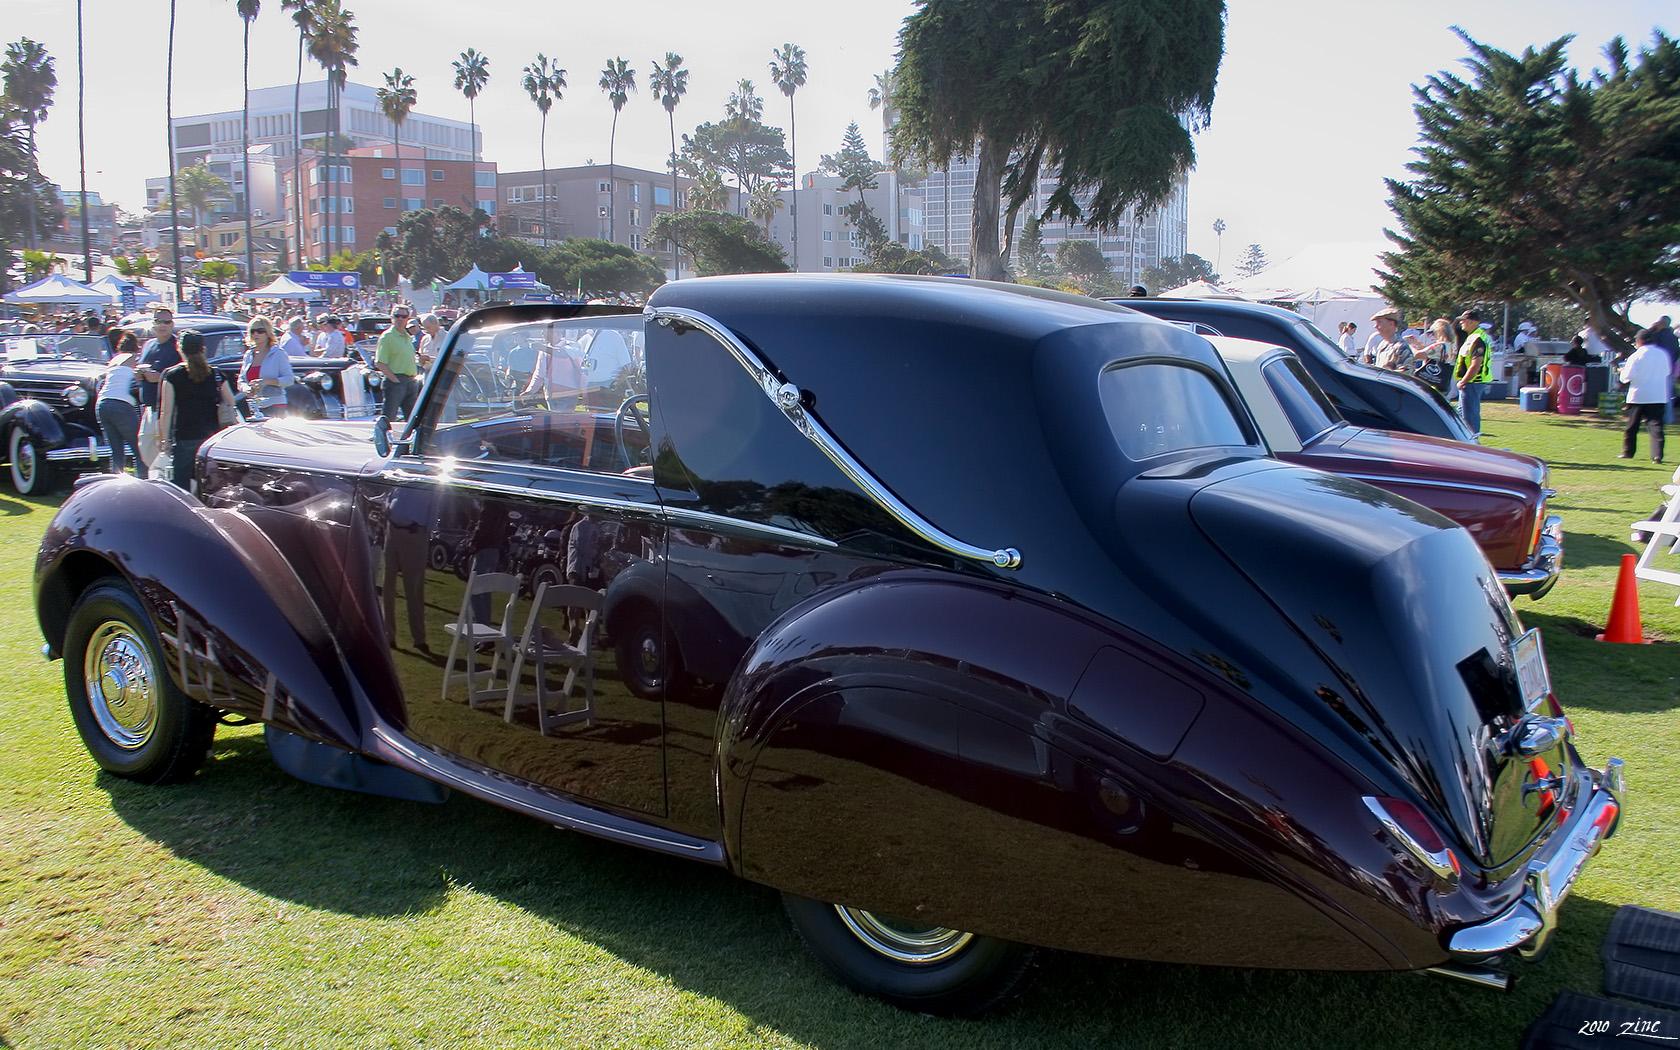 1948_Bentley_coup%C3%A9_de_ville_-_rvl